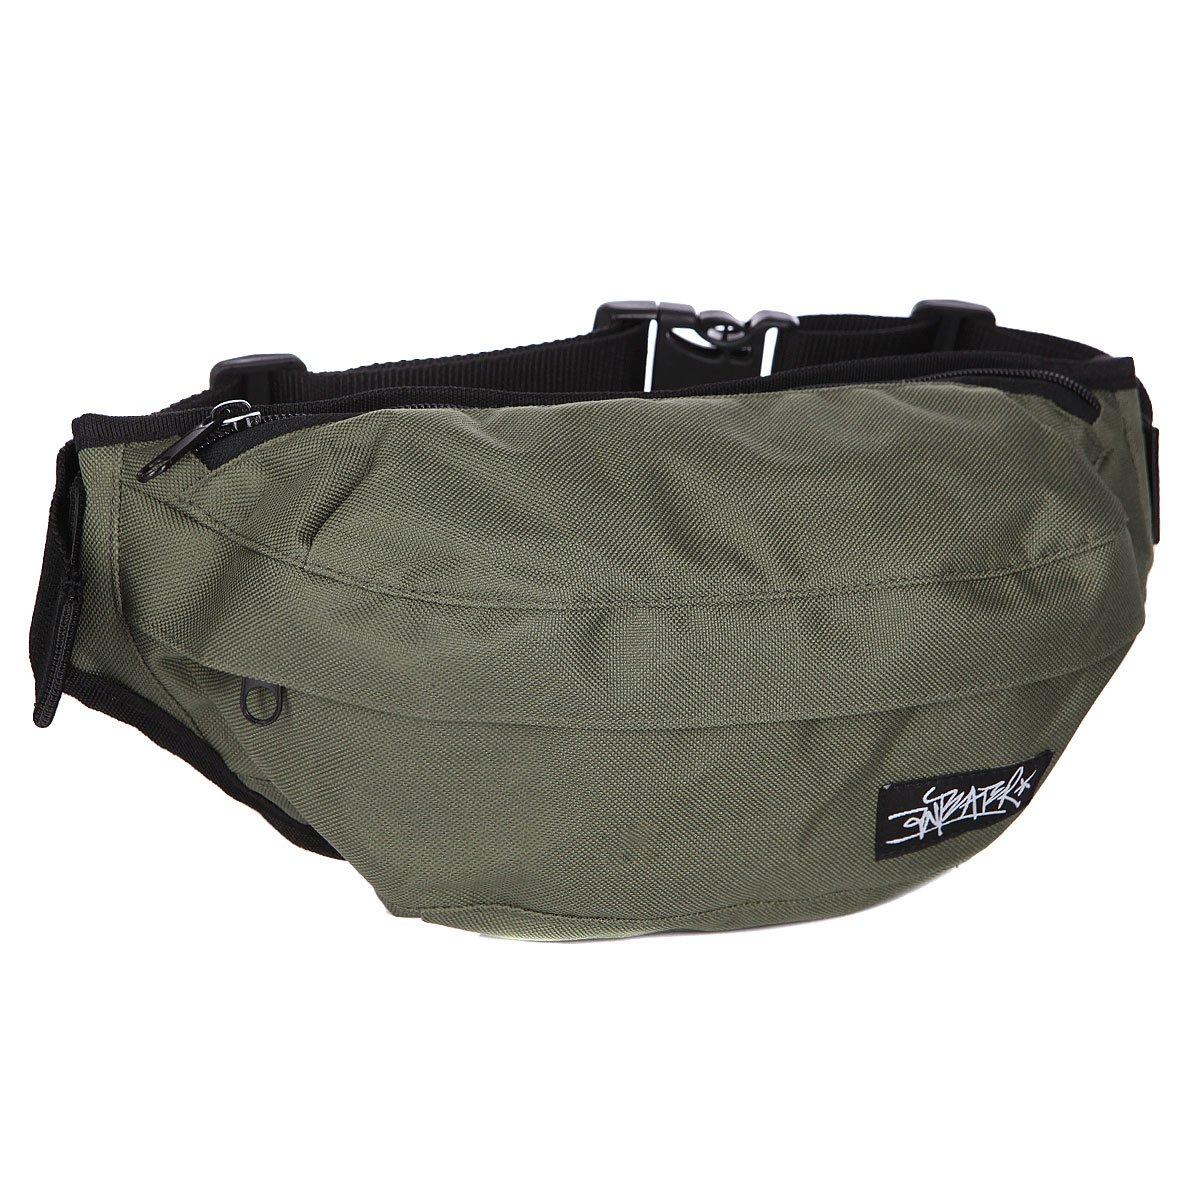 482a36dd3729 Купить сумку поясная Anteater Minibag haki в интернет-магазине ...